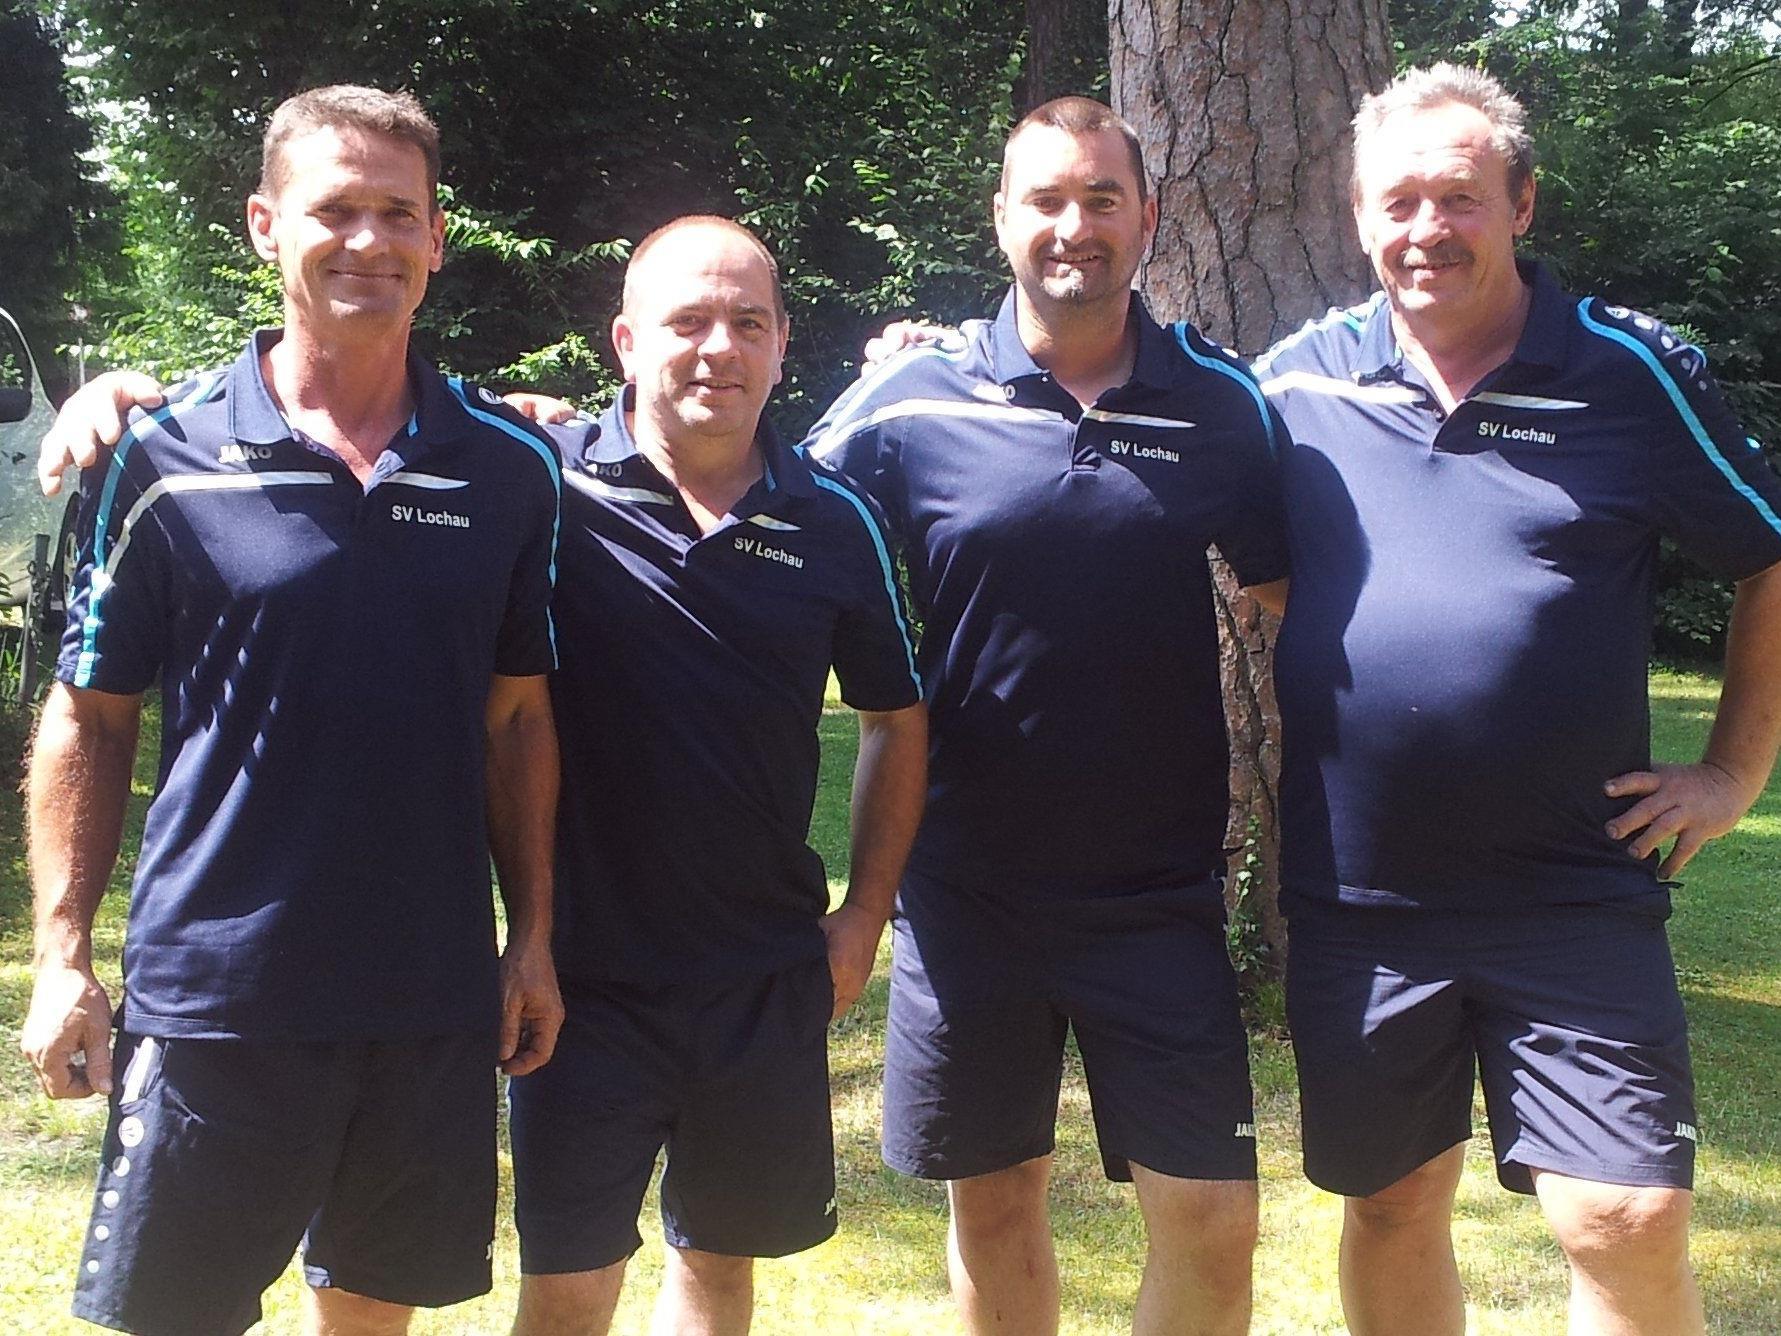 Harald Rüscher, Hannes Tscherner, Mannschaftsführer Robert Pienz sowie Wilfried Mallin